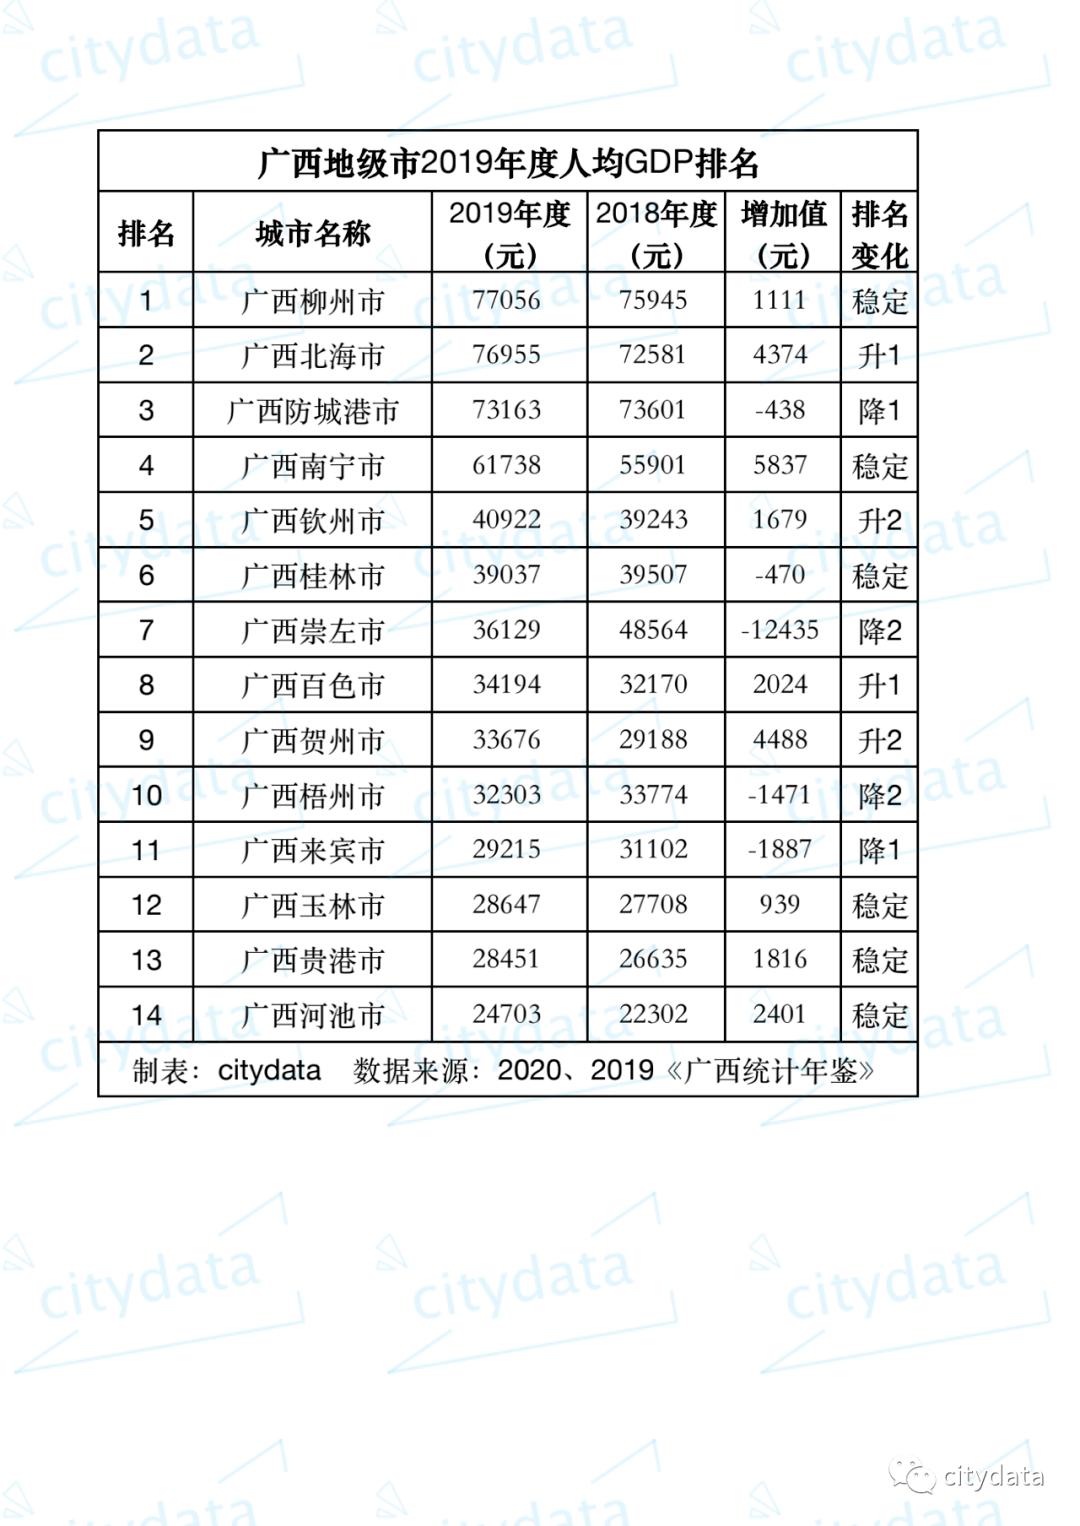 2019广西gdp排名_2021年一季度广西各市GDP南宁排名第一柳州排名第二